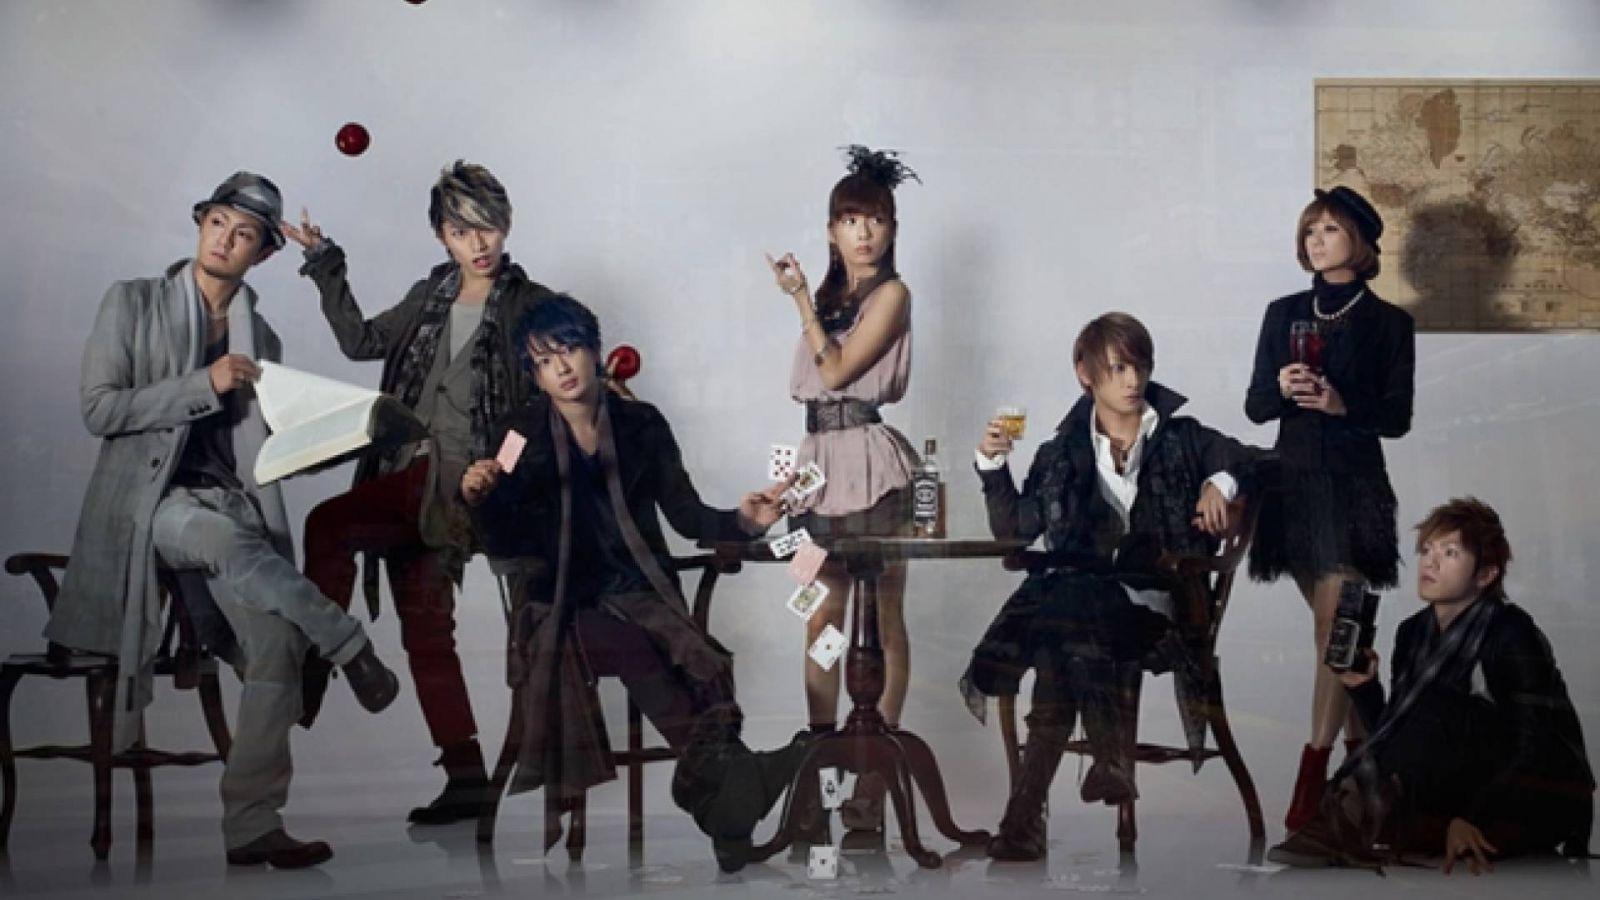 AAA lançará um novo single em maio © Avex Entertainment Inc.